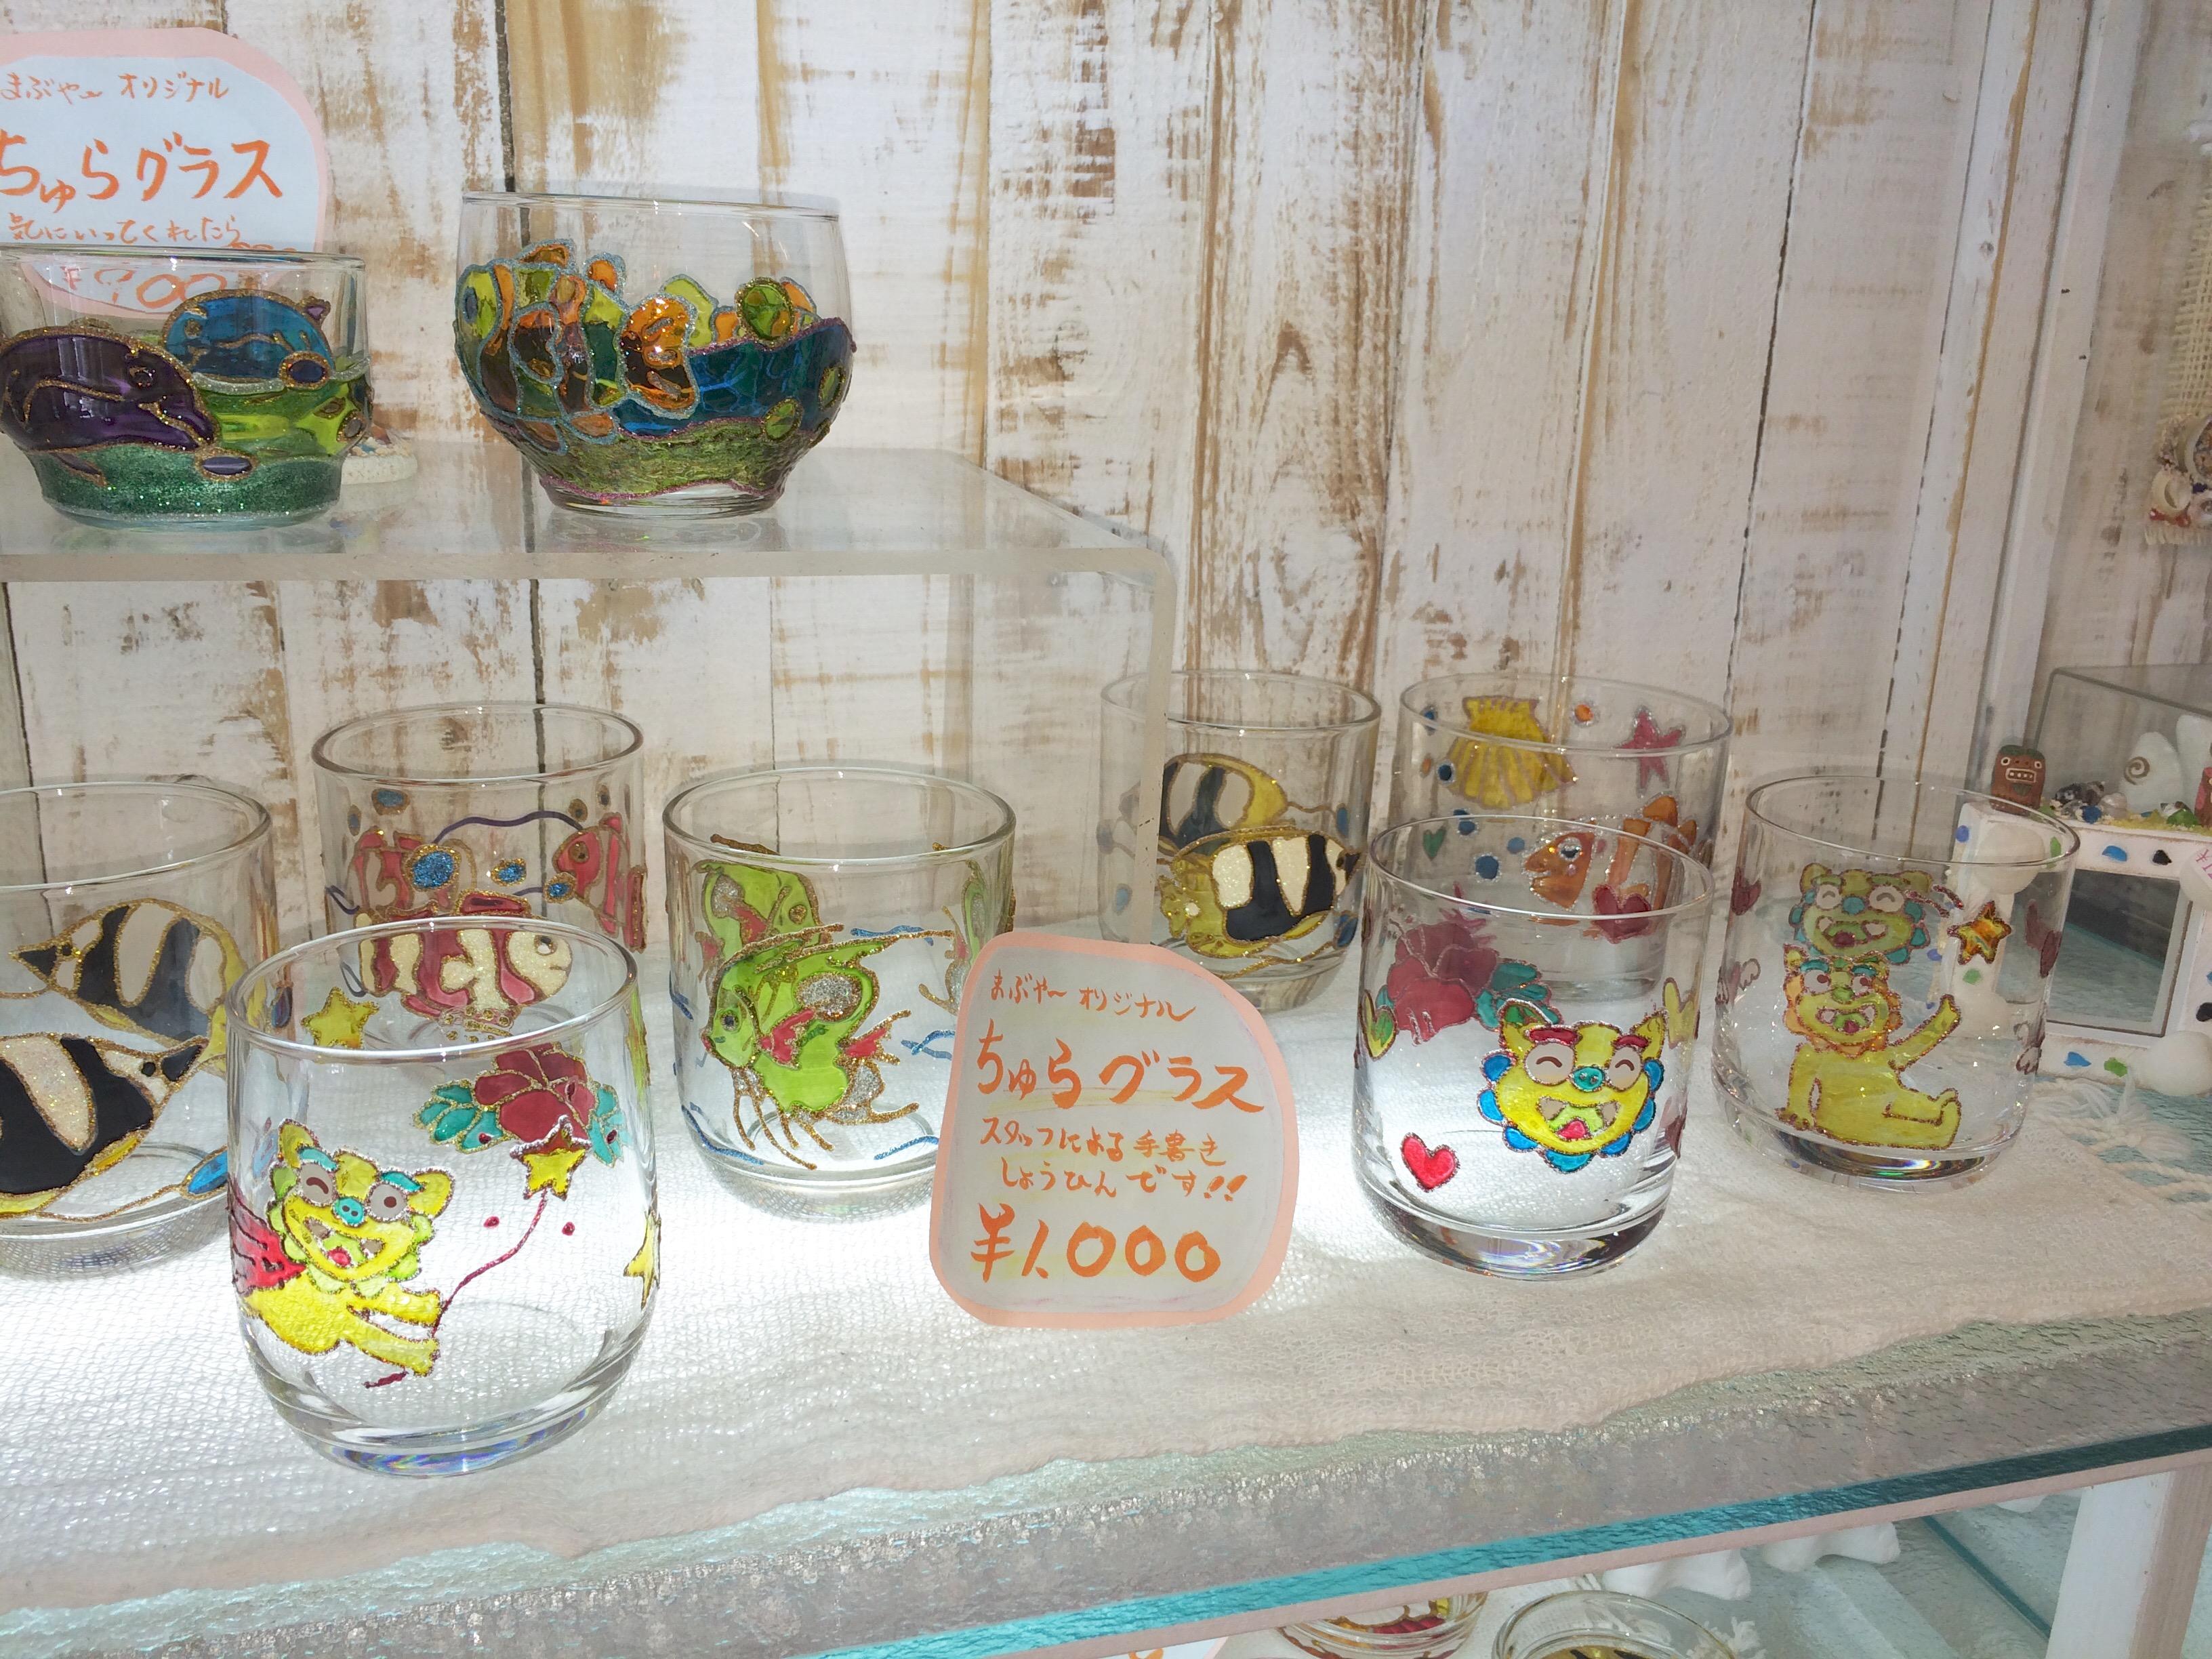 ちゅらガラス☆ 沖縄で、美ら(ちゅら)は美しいという意味で使われています。スタッフが手作業でガラス用の特殊塗料を用いて手作りしています(^o^)水洗いOKです。